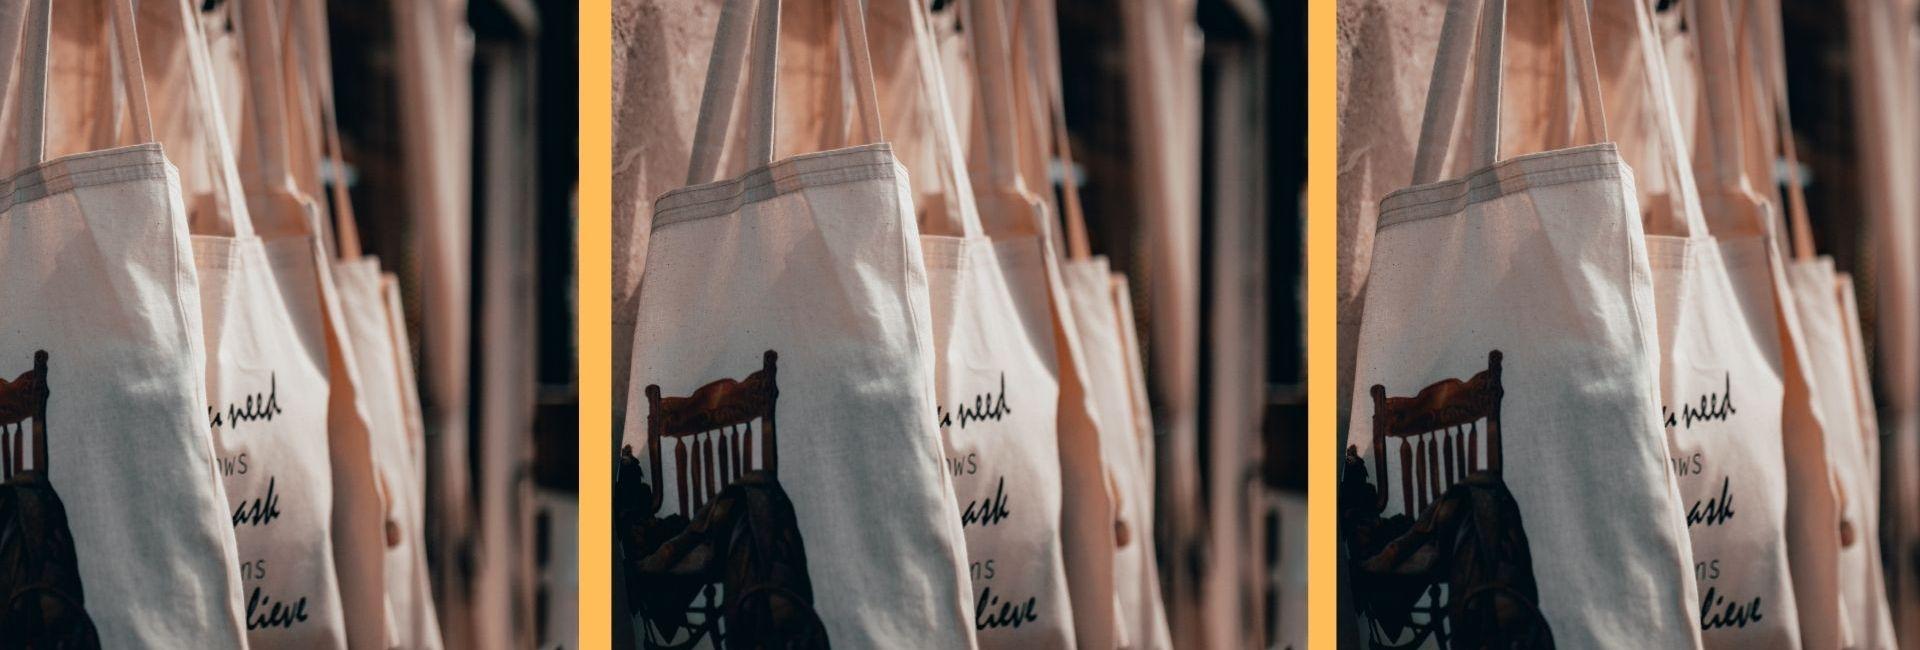 Les-tote-bags